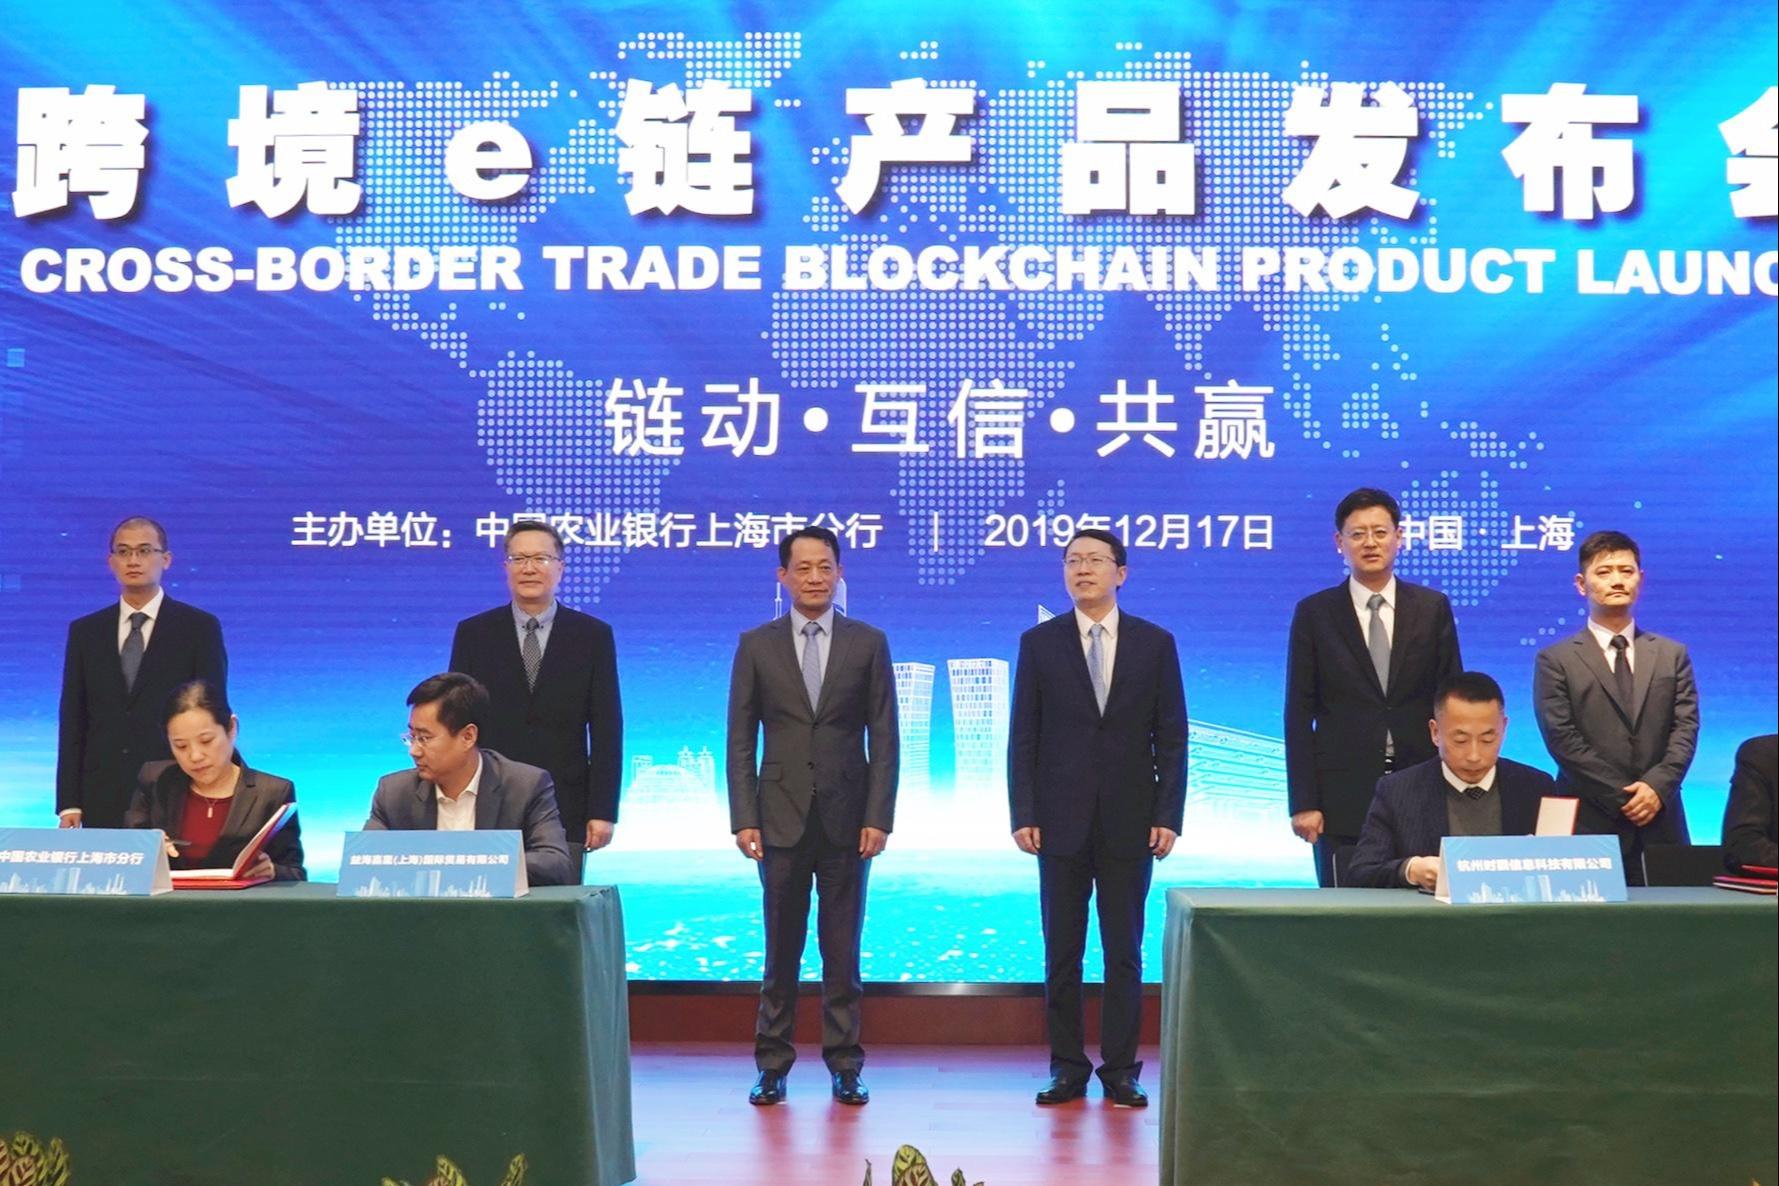 趣链科技、趣链、中国农业银行、趣链科技、趣链区块链、区块链、区块链产品、区块链技术